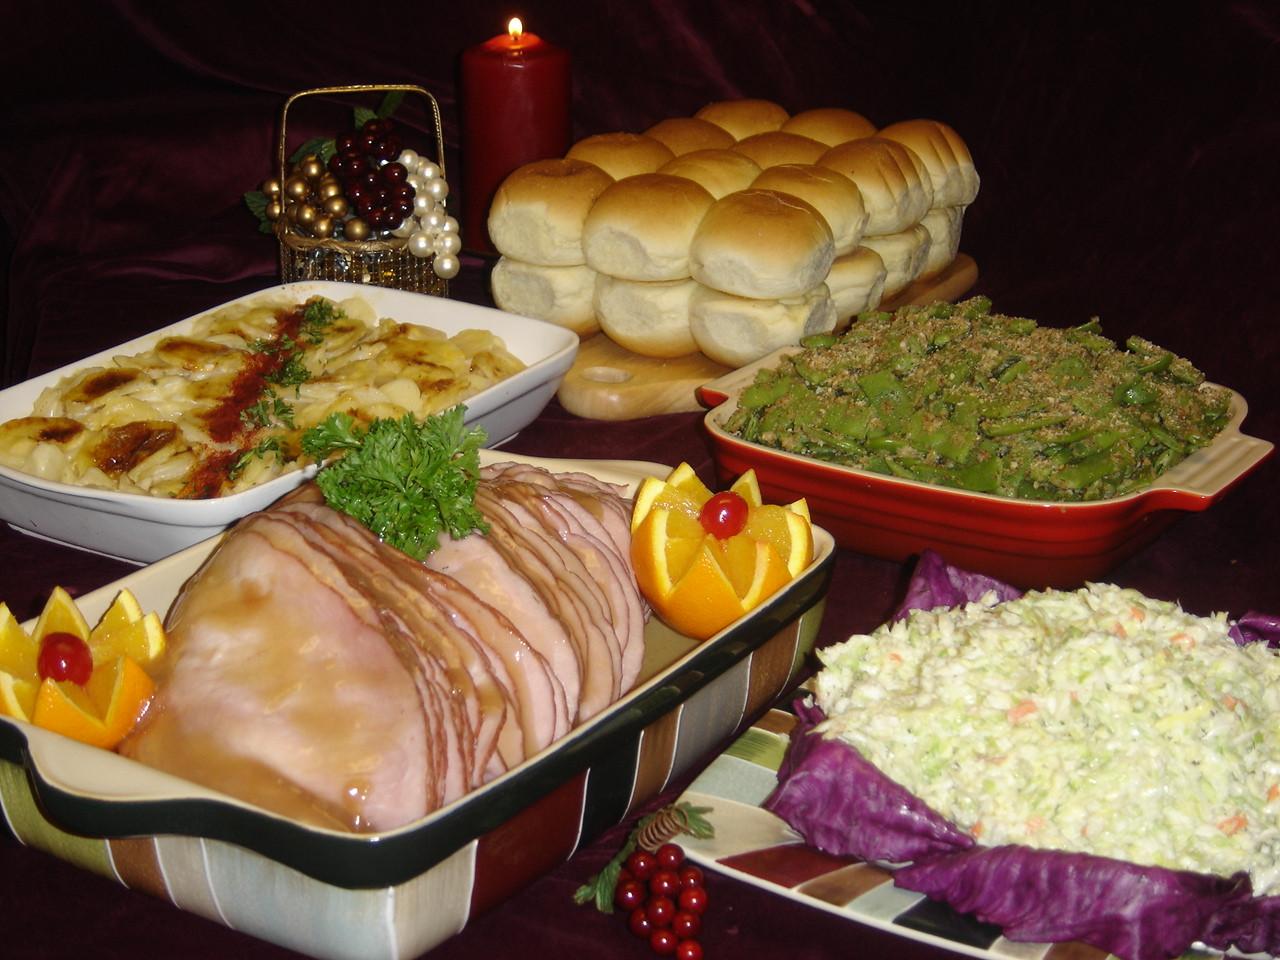 Easter Dinner Food  Hop into Schiff's for Easter Dinner made easy